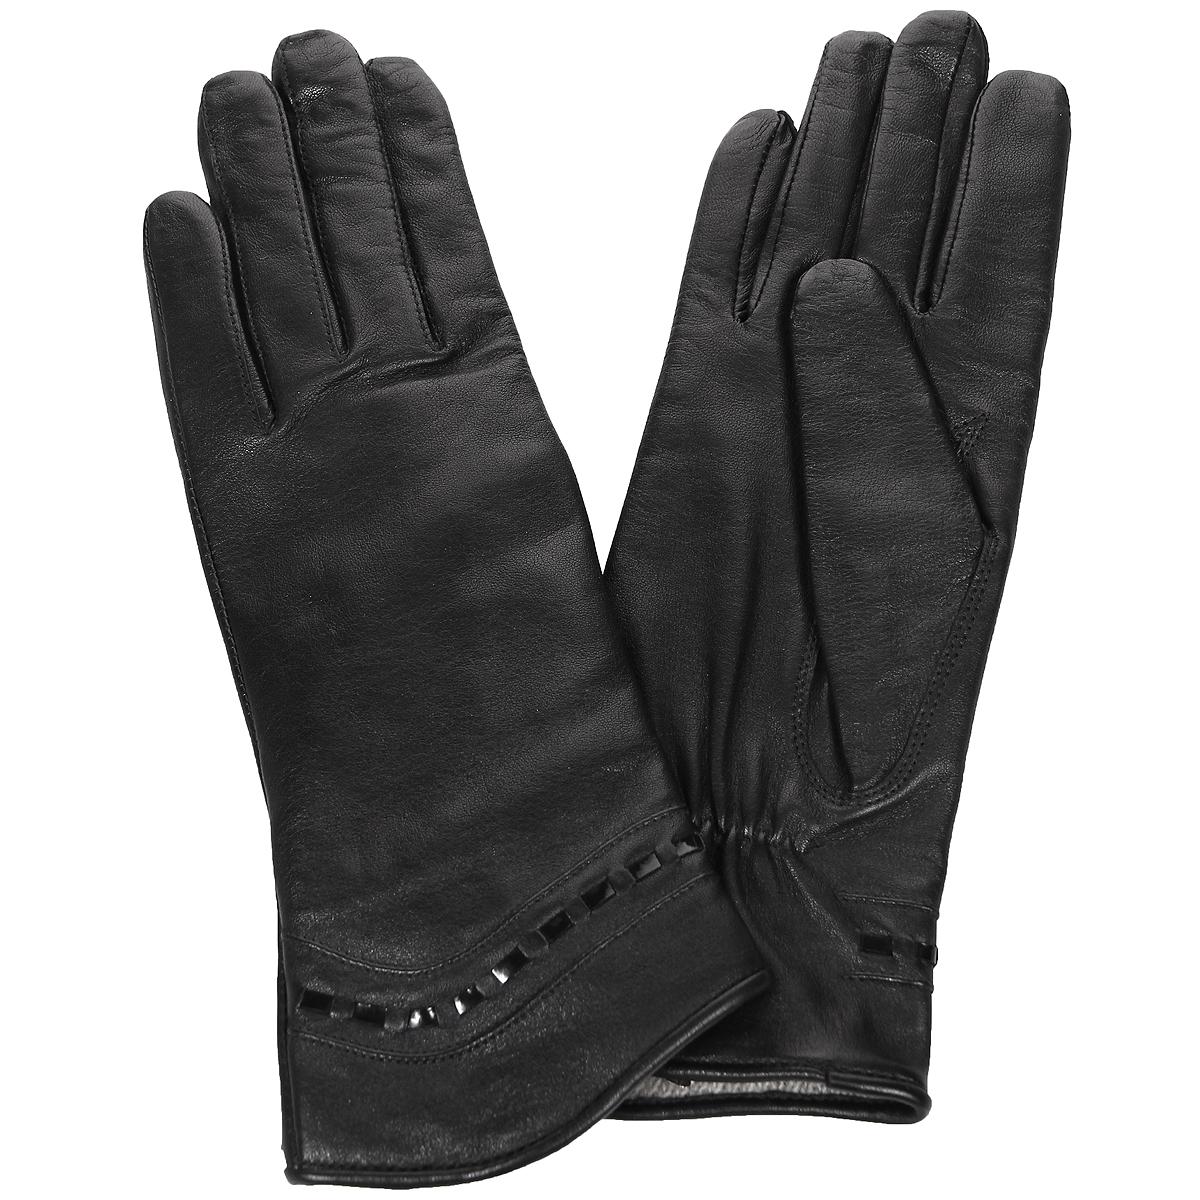 Э-2L_490Стильные женские перчатки Edmins не только защитят ваши руки от холода, но и станут великолепным украшением. Перчатки выполнены из натуральной кожи ягненка, подкладка - из шерсти. Манжеты оформлены отделкой из лаковой кожи. В настоящее время перчатки являются неотъемлемой принадлежностью одежды, вместе с этим аксессуаром вы обретаете женственность и элегантность. Перчатки станут завершающим и подчеркивающим элементом вашего стиля и неповторимости.